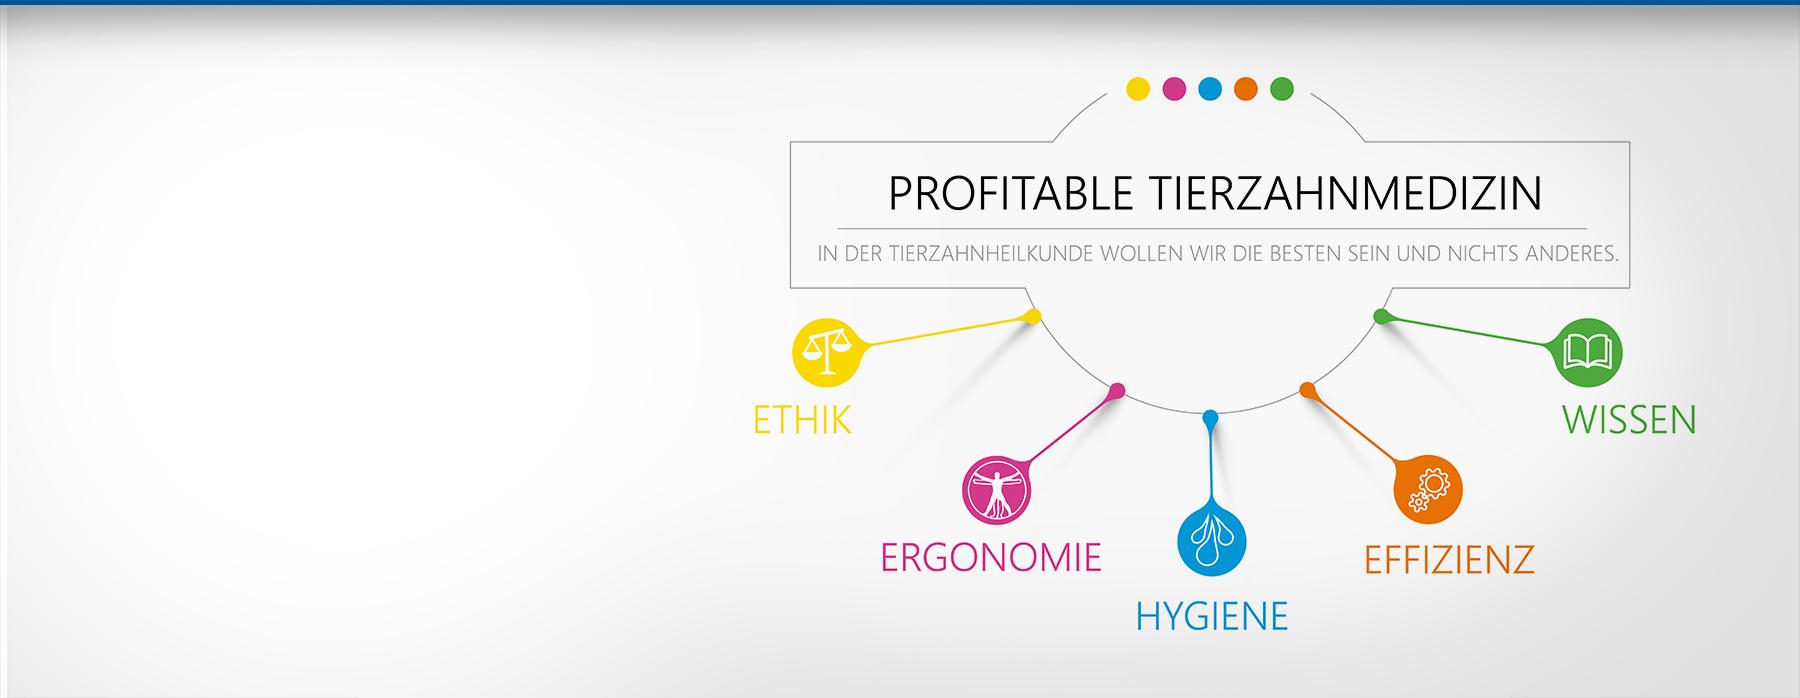 Profitable Tierzahnmedizin <br />- Unsere Philosophie